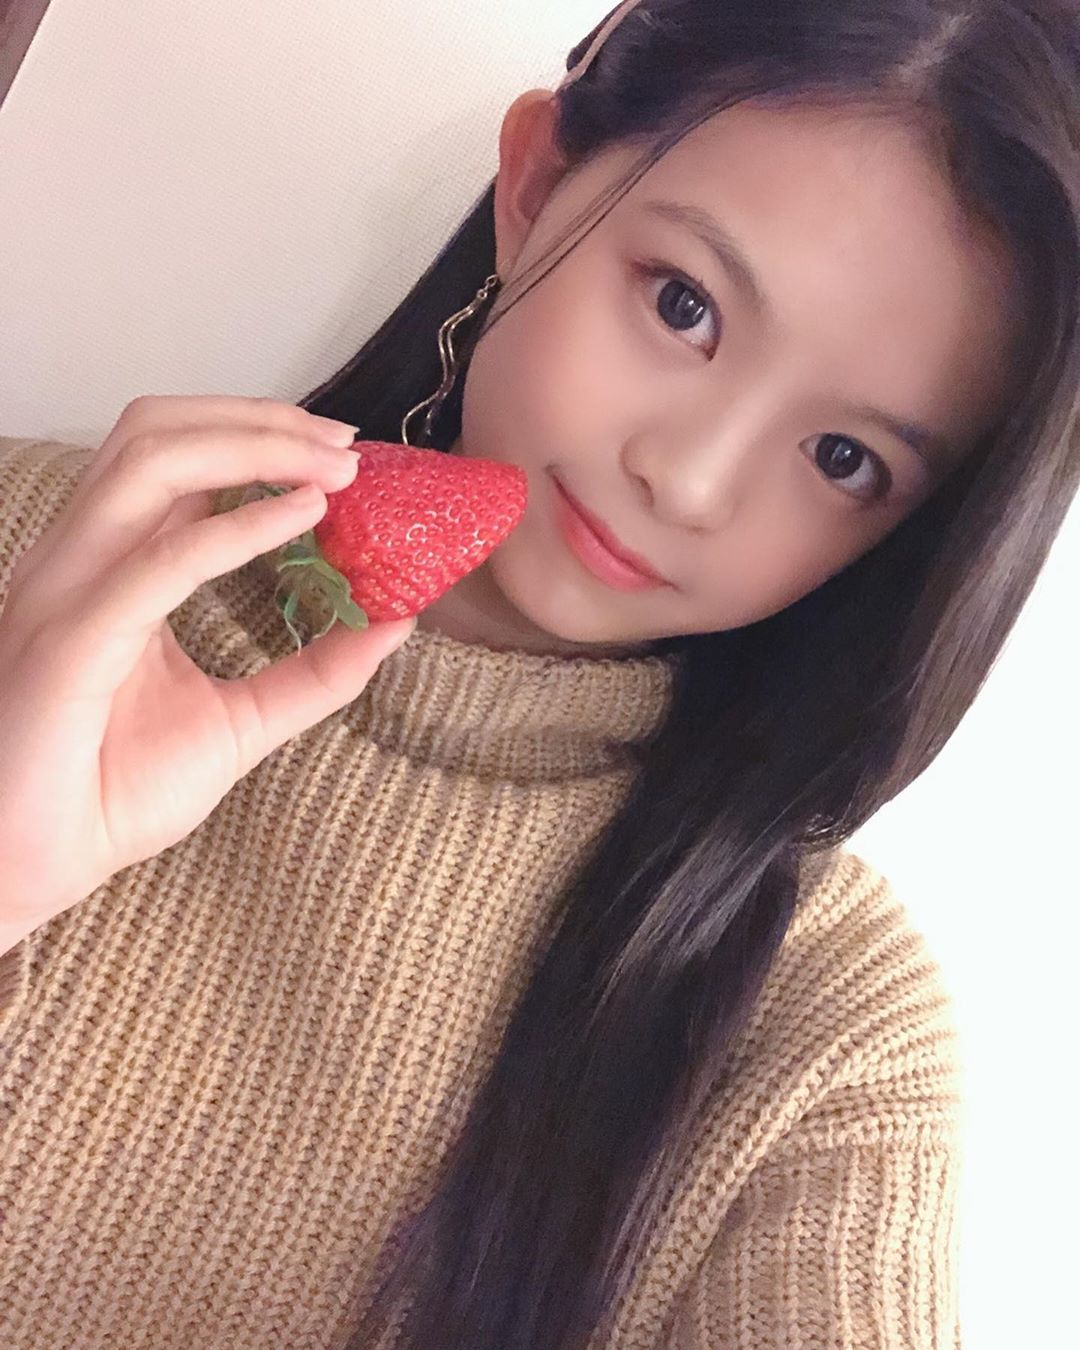 いいね 583件 コメント10件 dan jyo dan jyo のinstagramアカウント 1月15日はいちごの日 みんなイチゴすき danjyo イーチ イチゴの日 イチゴ大好きイーチ 1月15日是草莓的日子 大家喜歡草莓嗎 danjyo i chi イチゴ